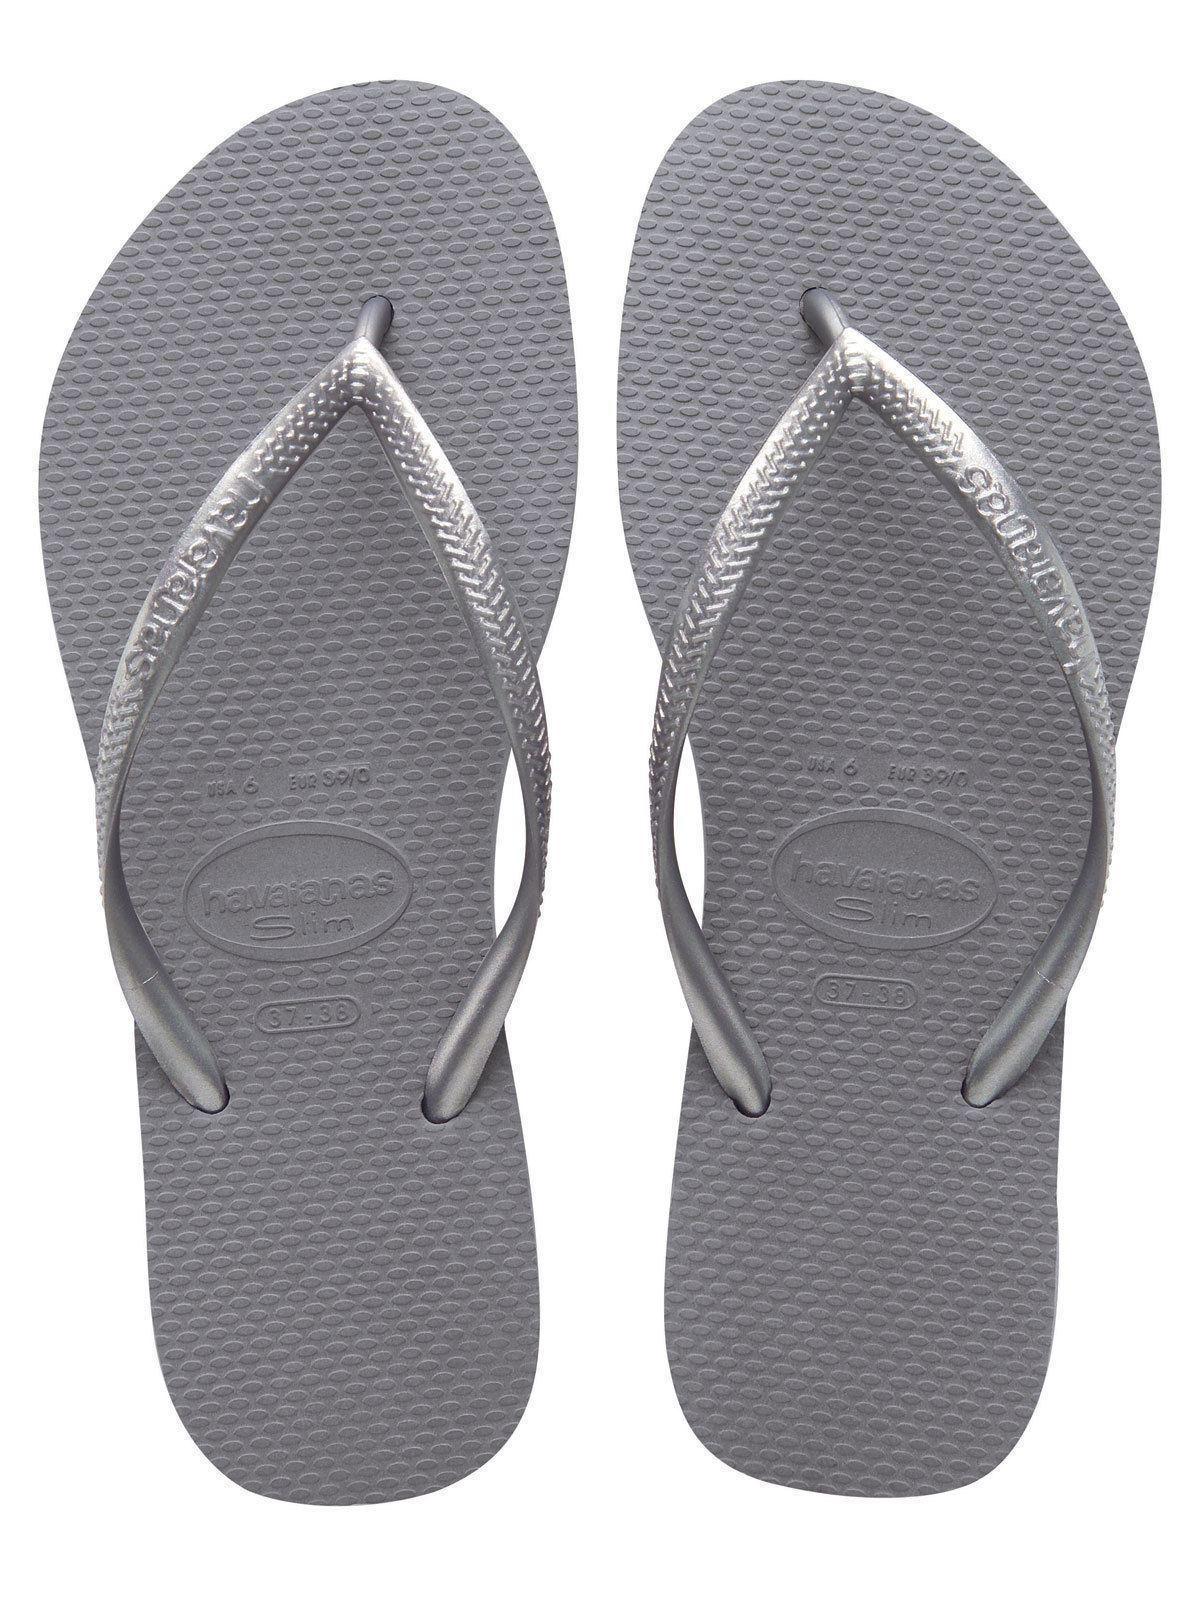 436b9ddcc54a29 Havaianas Slim Brazil Women s Flip Flops Steel Grey Size US-7 8 EUR-39 40